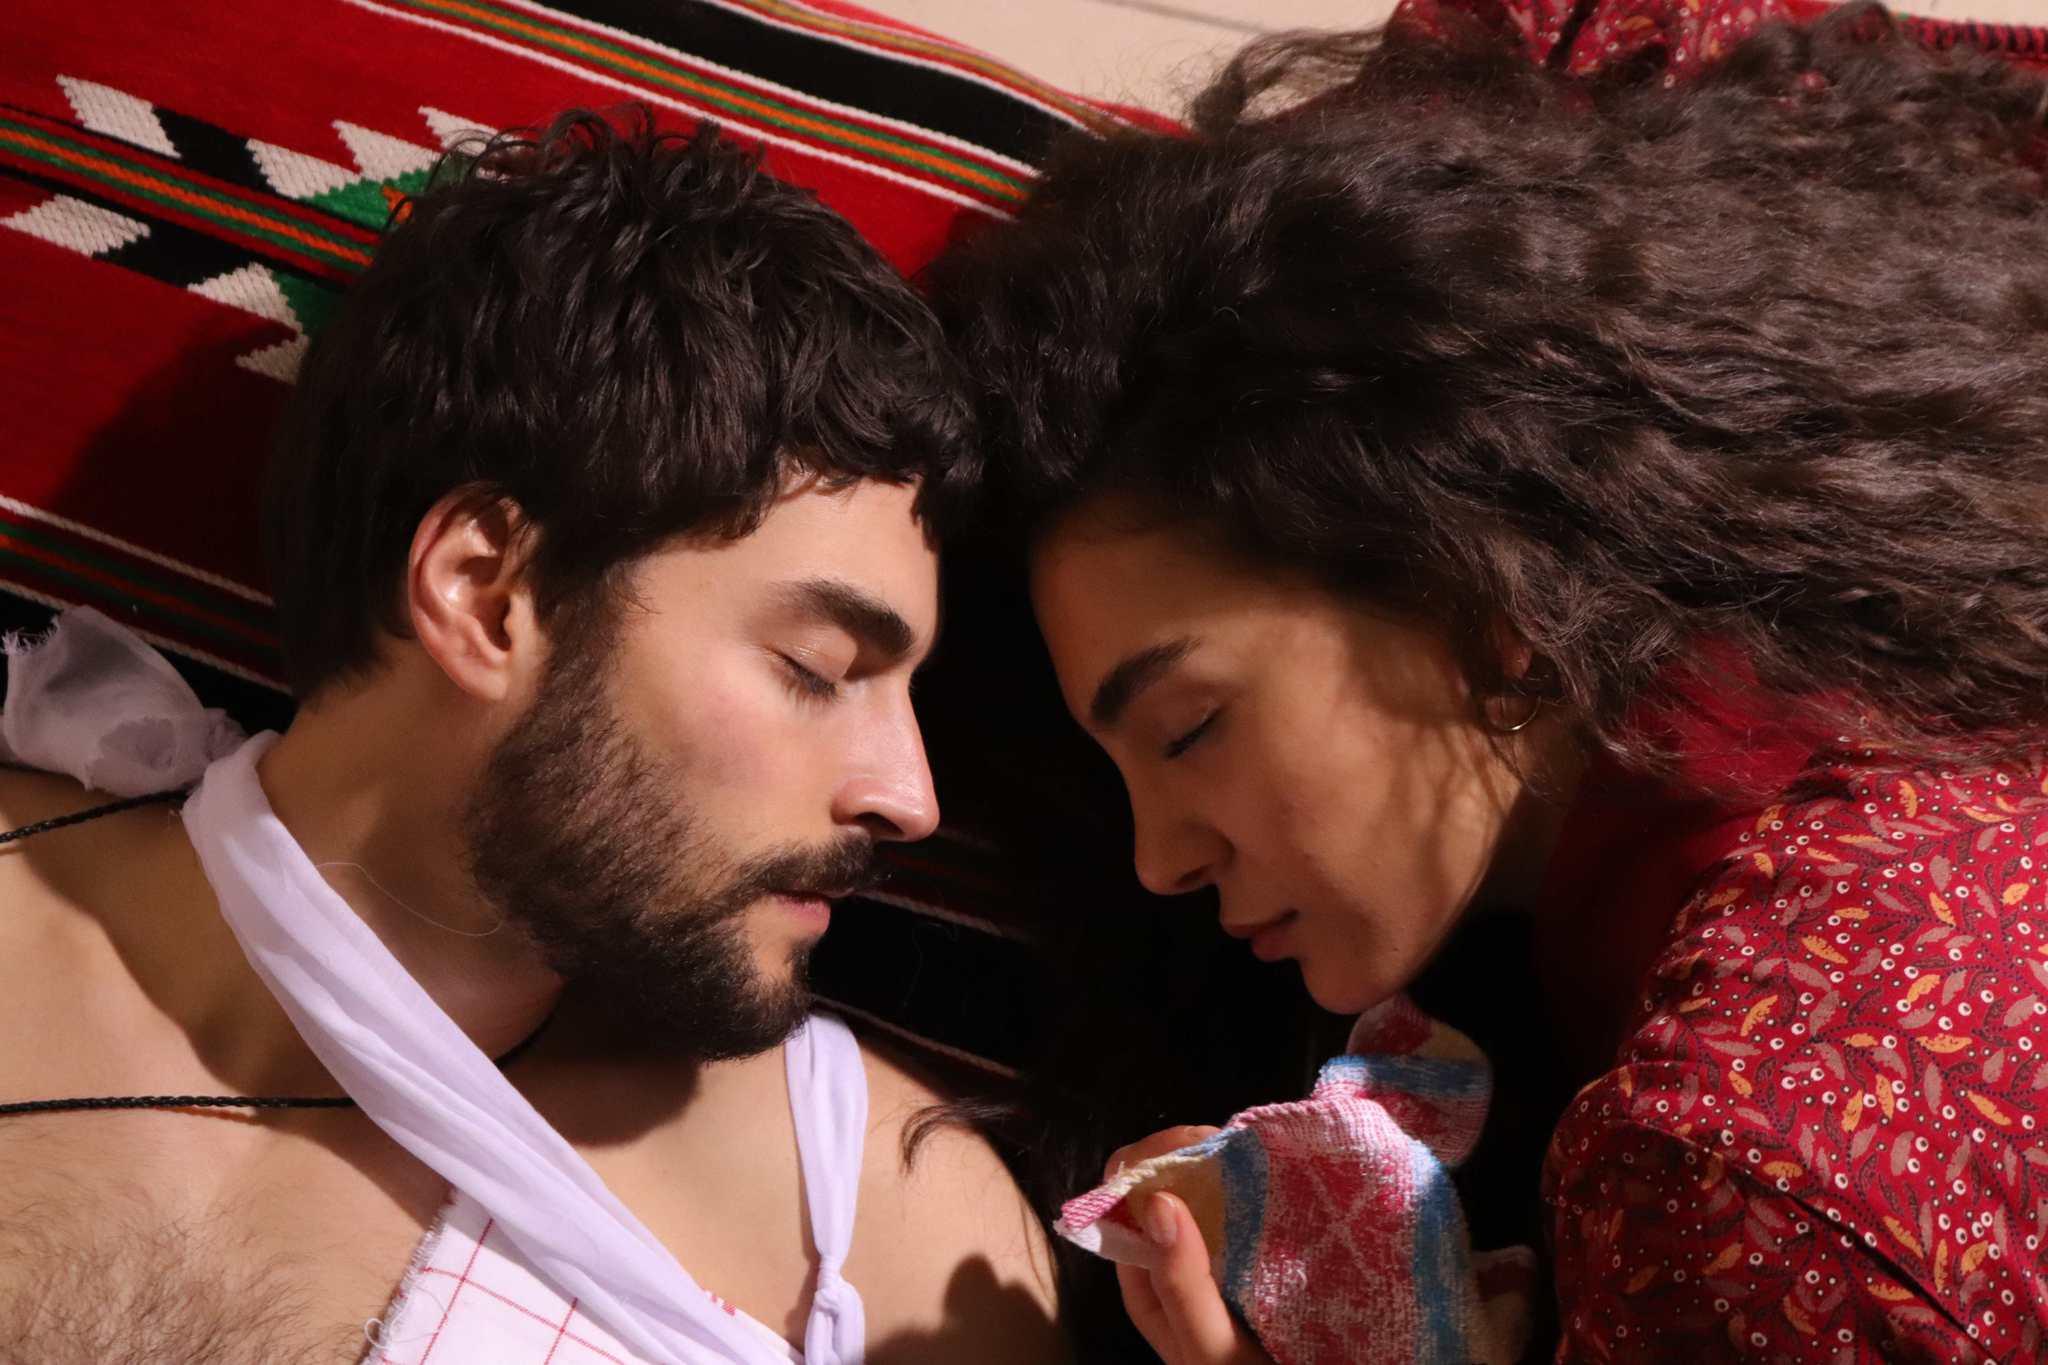 Ebru Şahin y Akin Akinözü protagonizan 'Hercai', la nueva serie turca de Telemundo